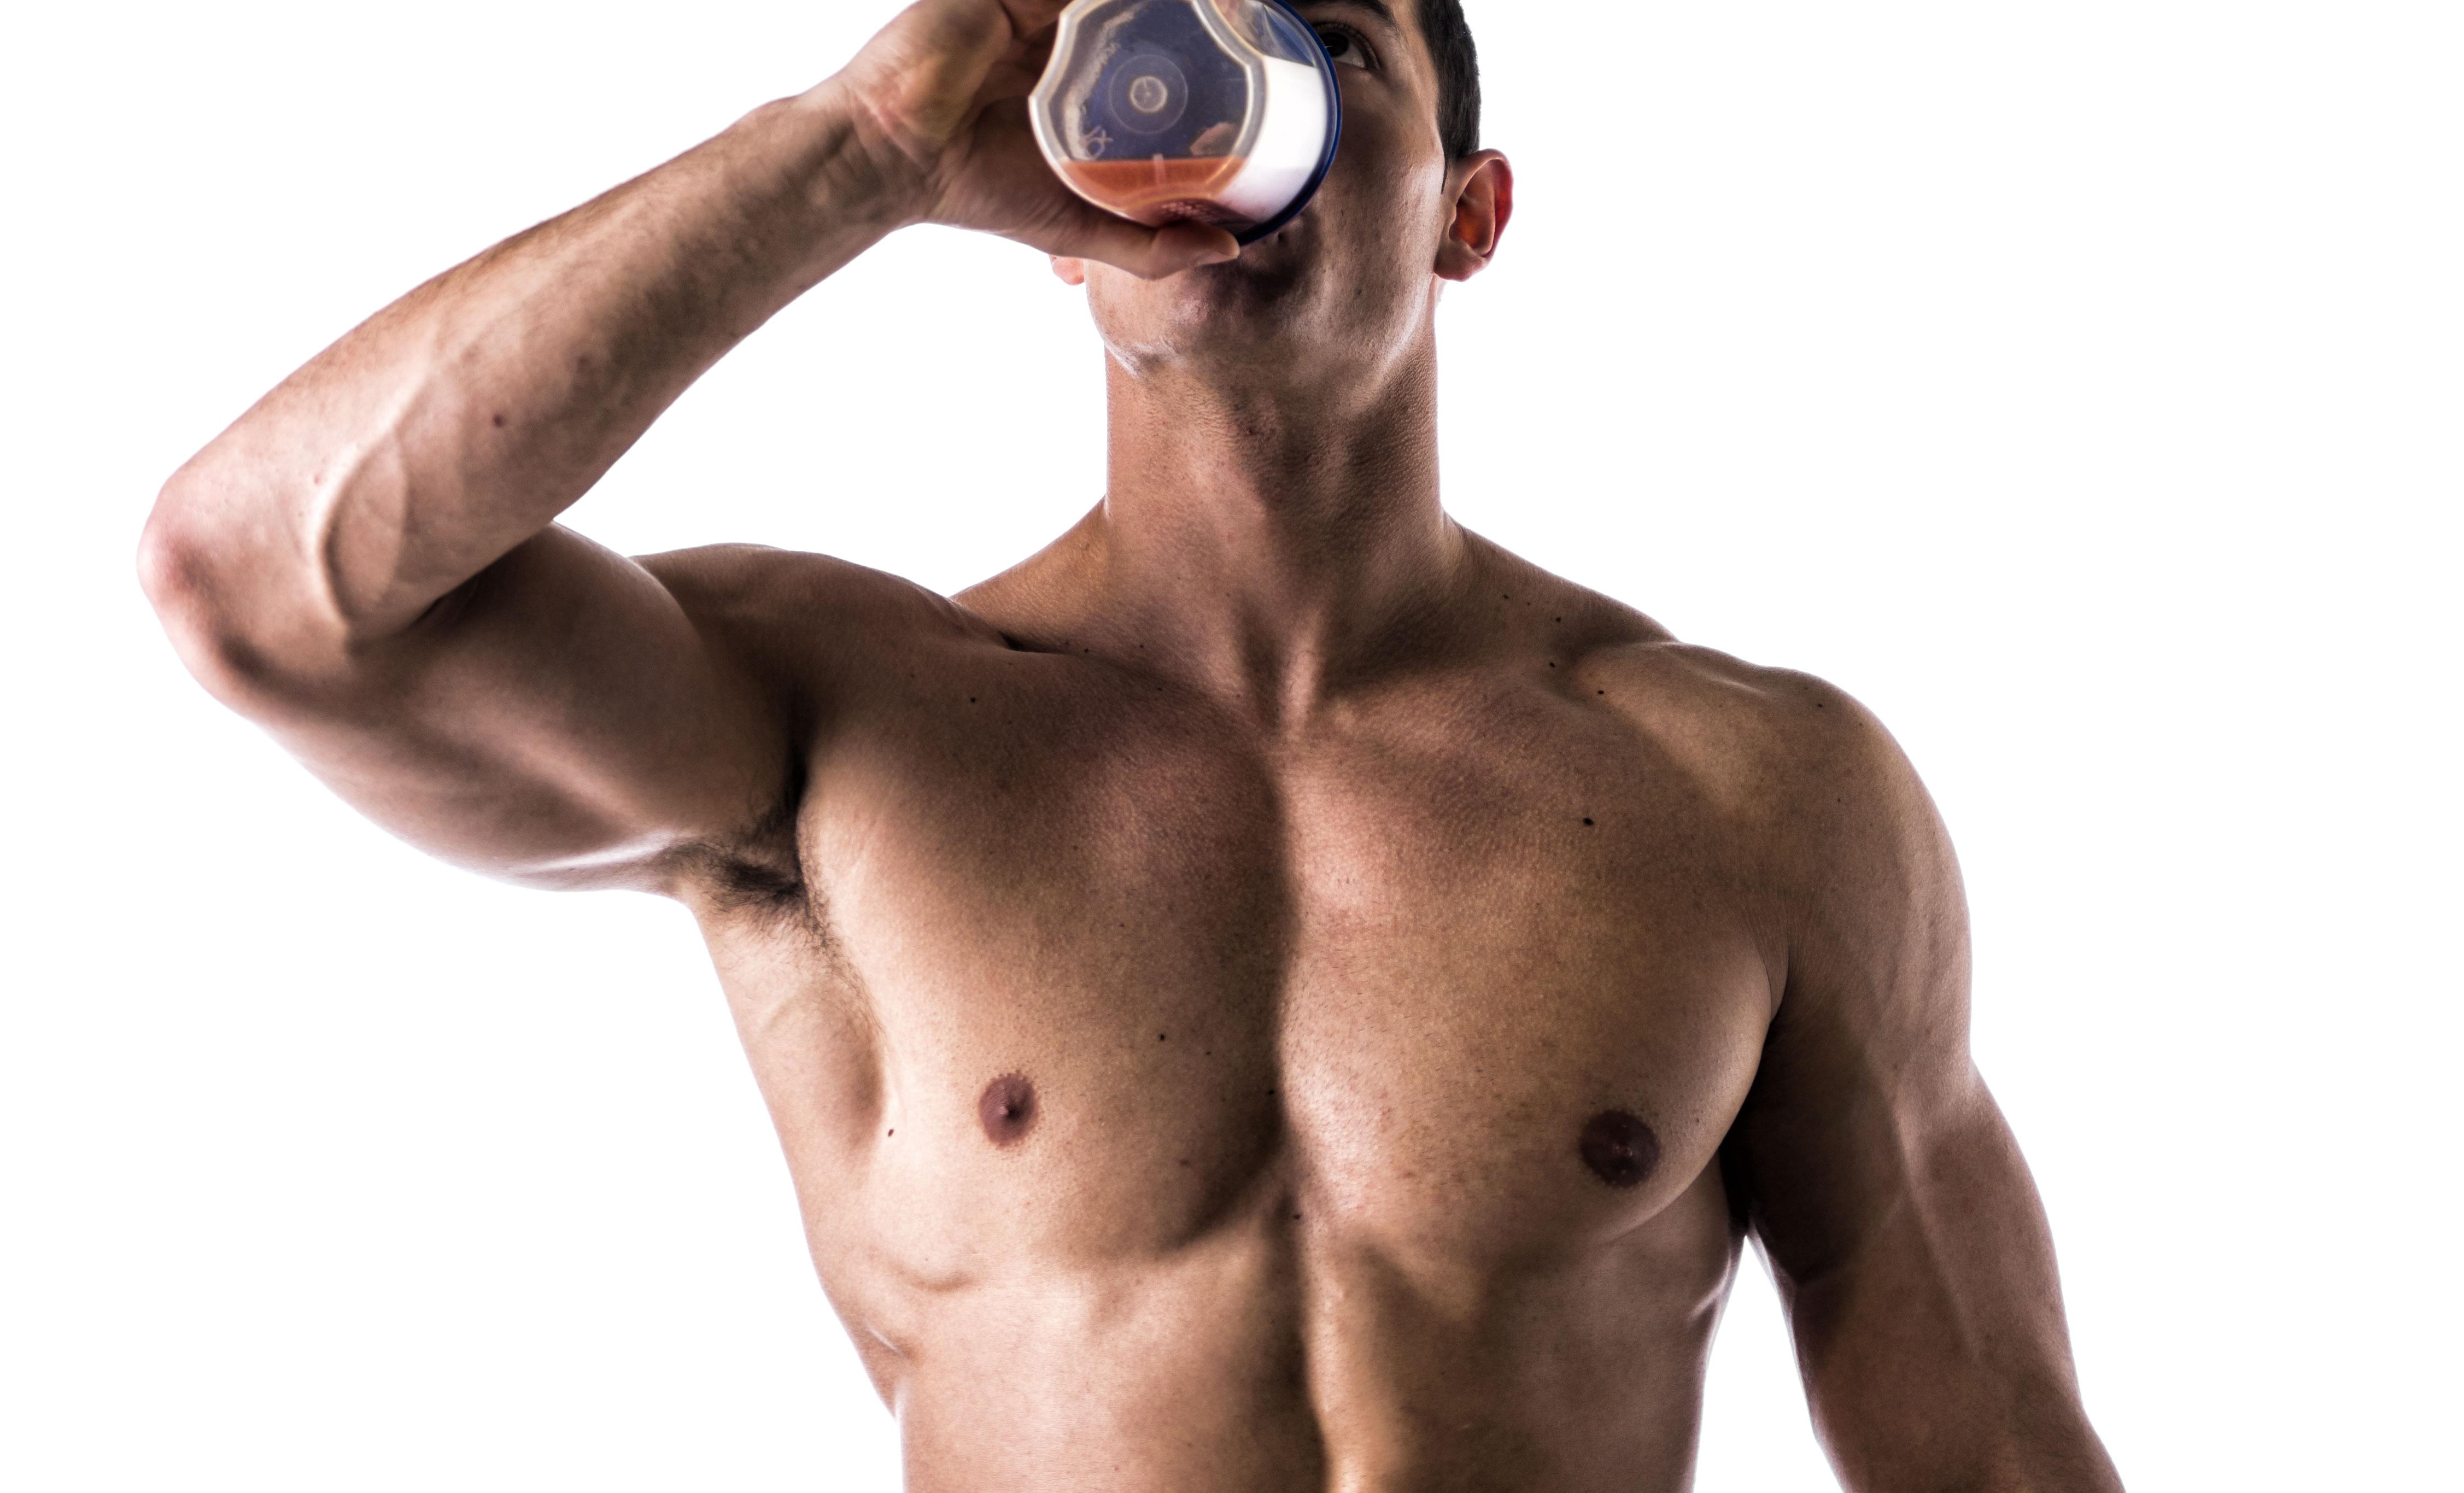 筋トレ後にバルクアップHMBプロで栄養補給を心がけよう